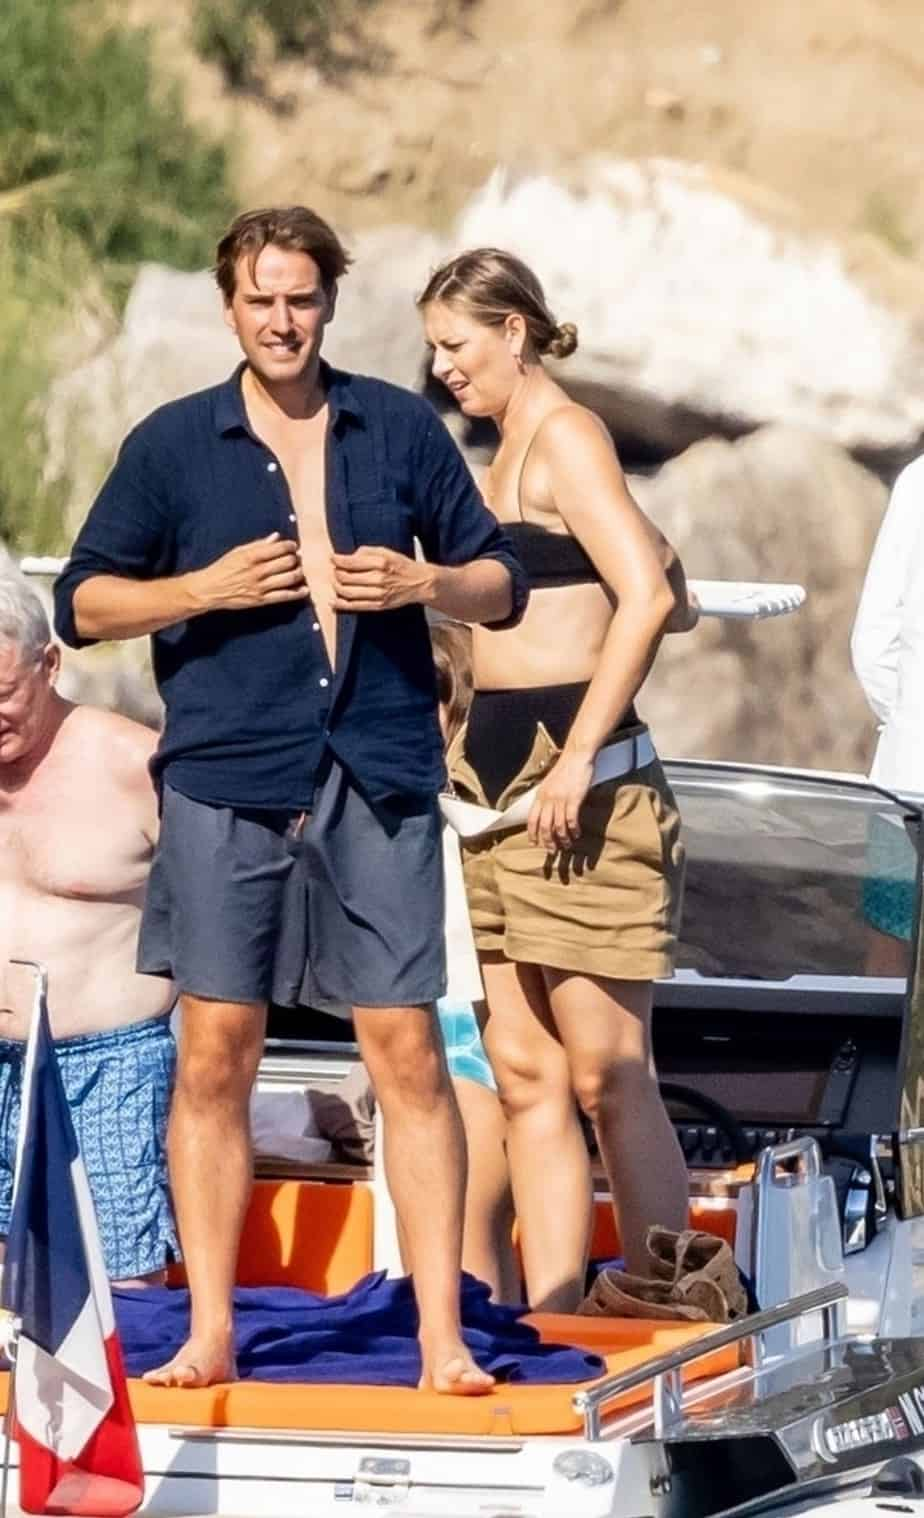 Sharapova with her fiance in Venice, Italy